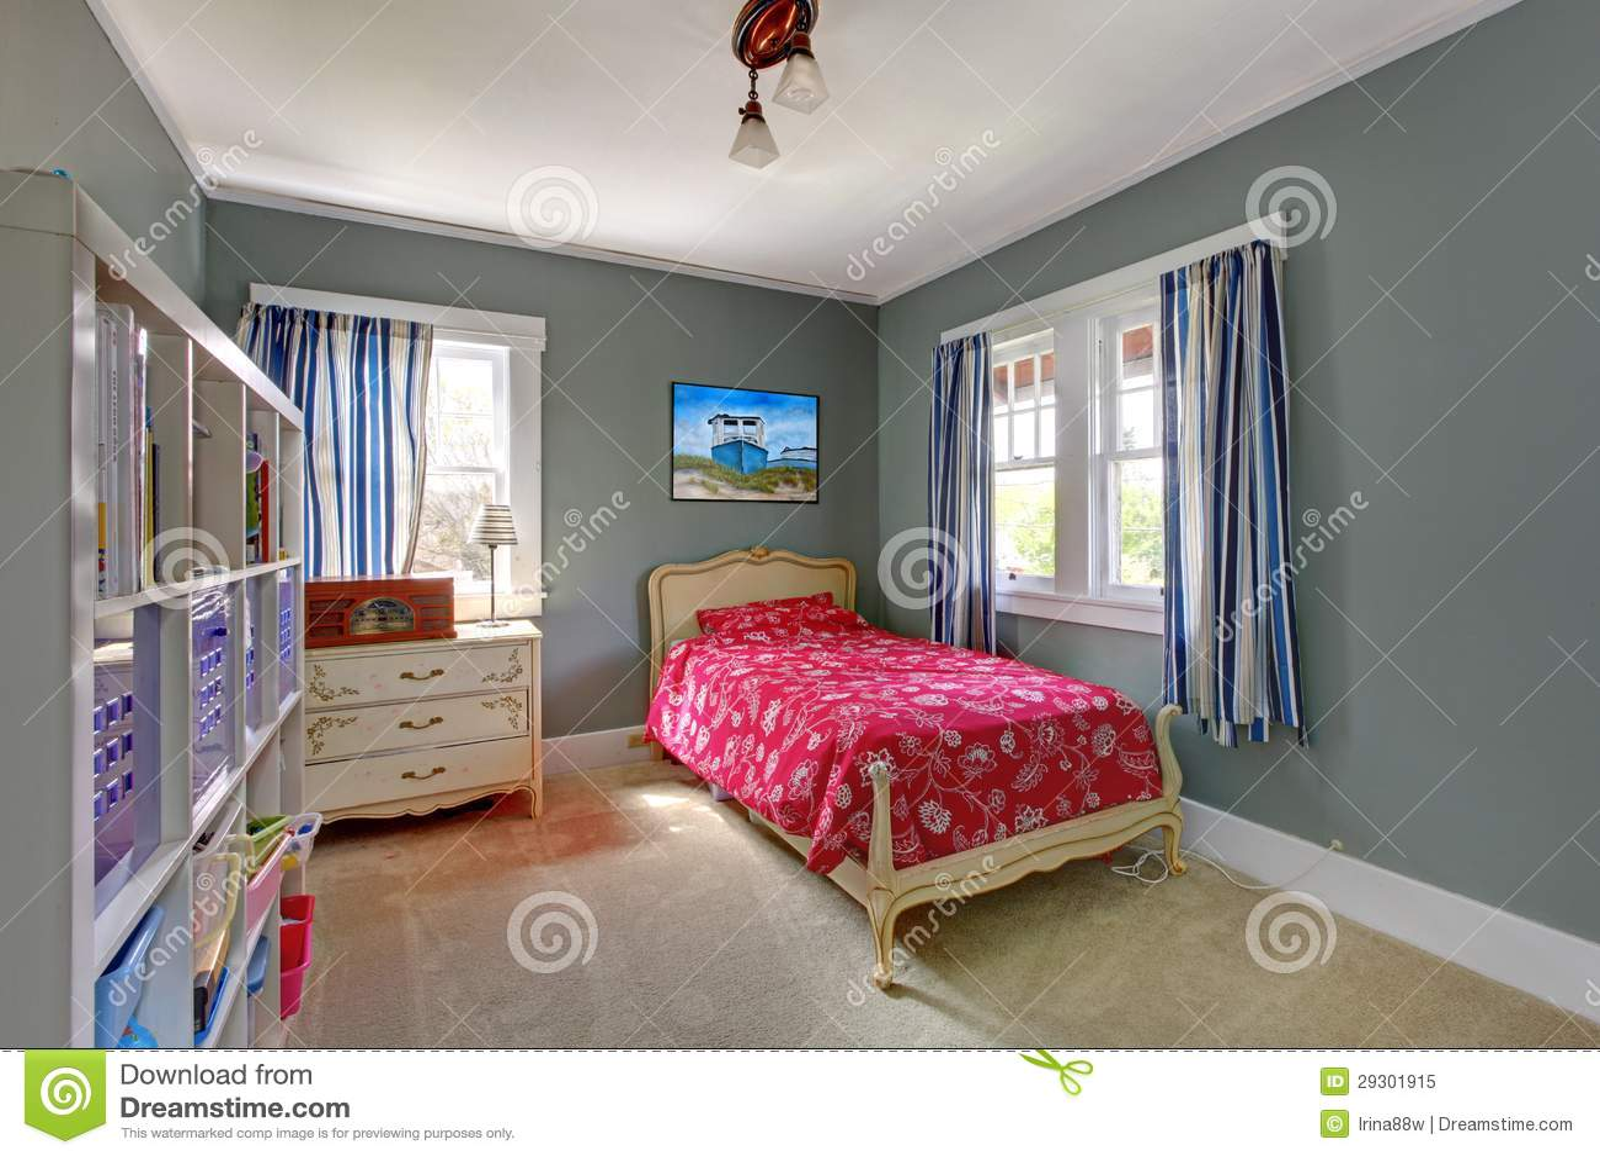 Chambre à Coucher D Enfants Avec Le Bâti Rouge Et Les Murs Gris.